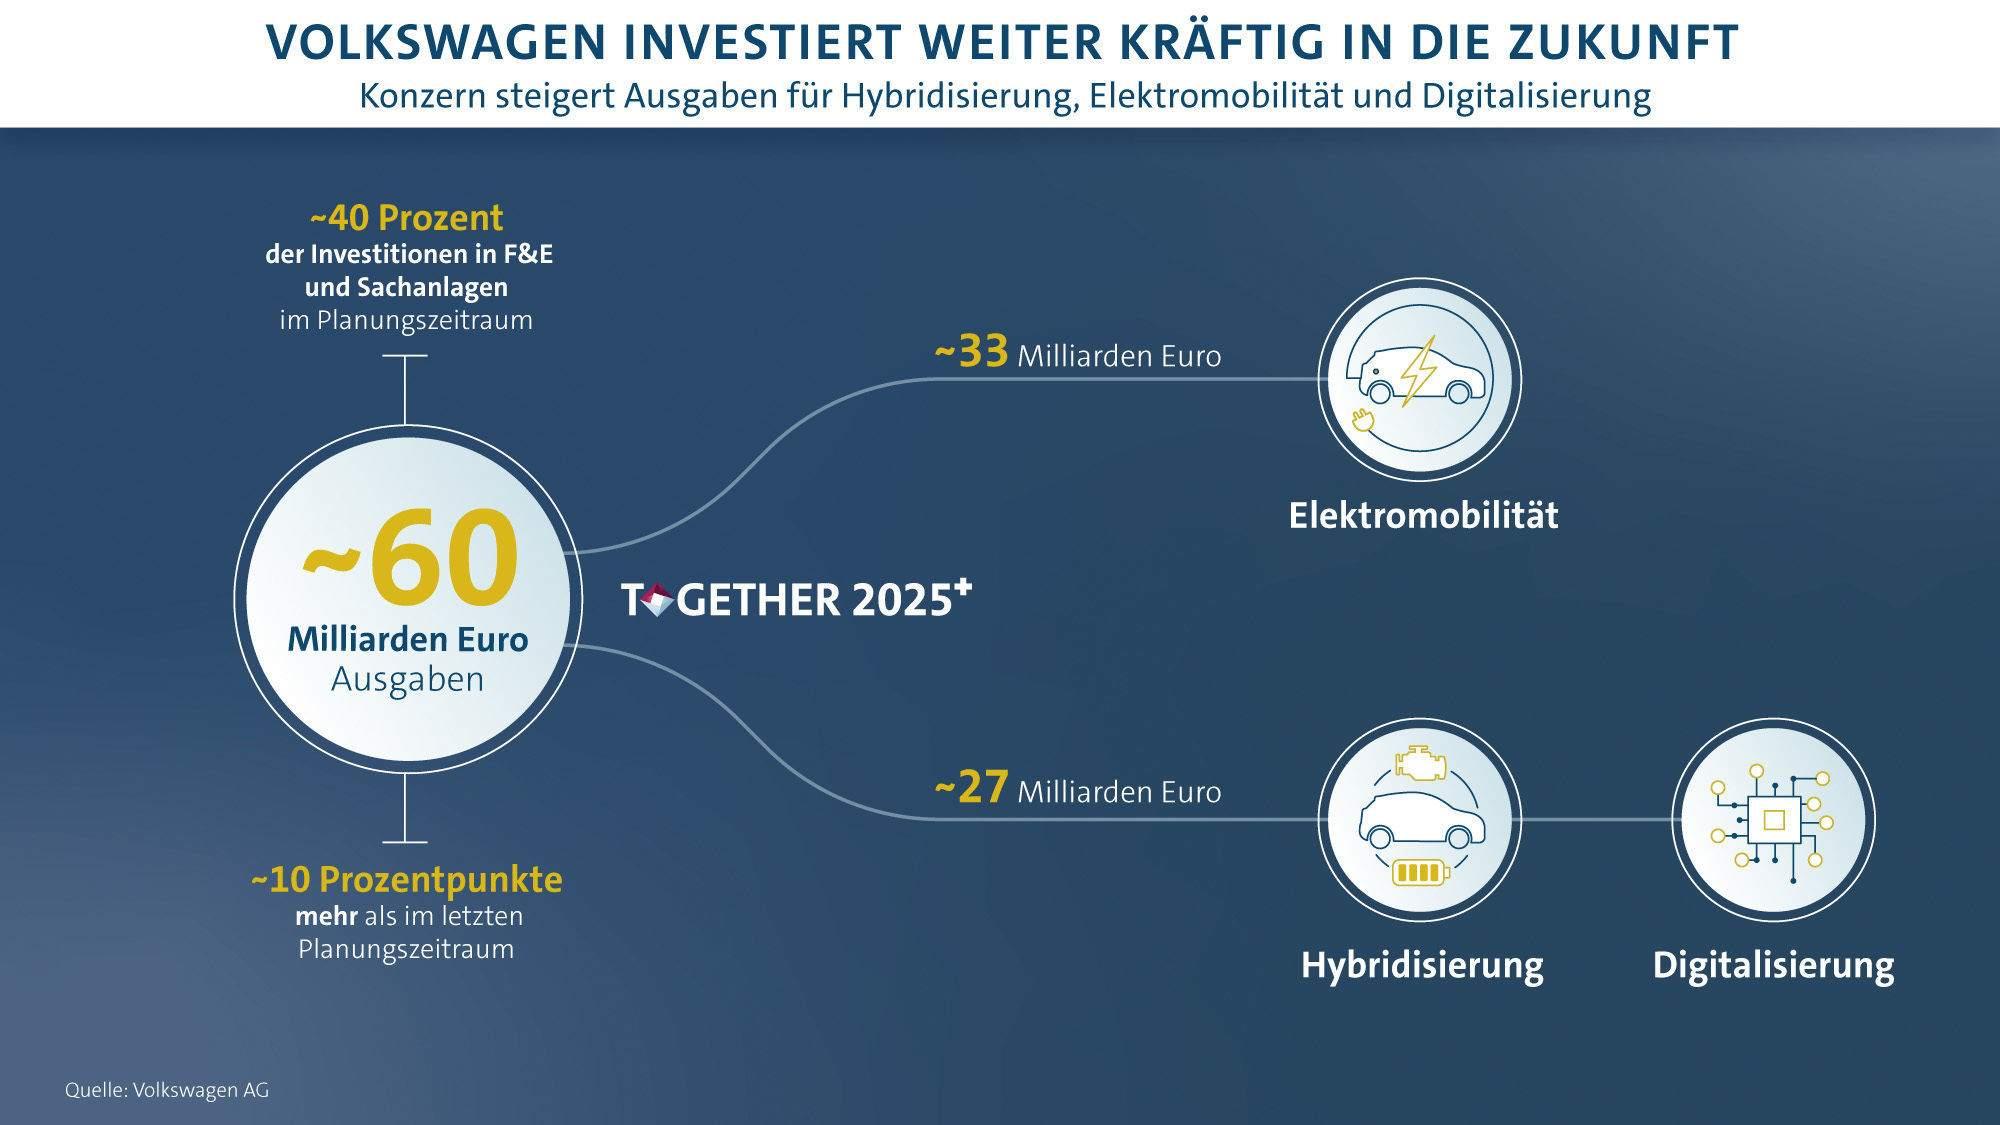 Volkswagen Grafik für Investitionen